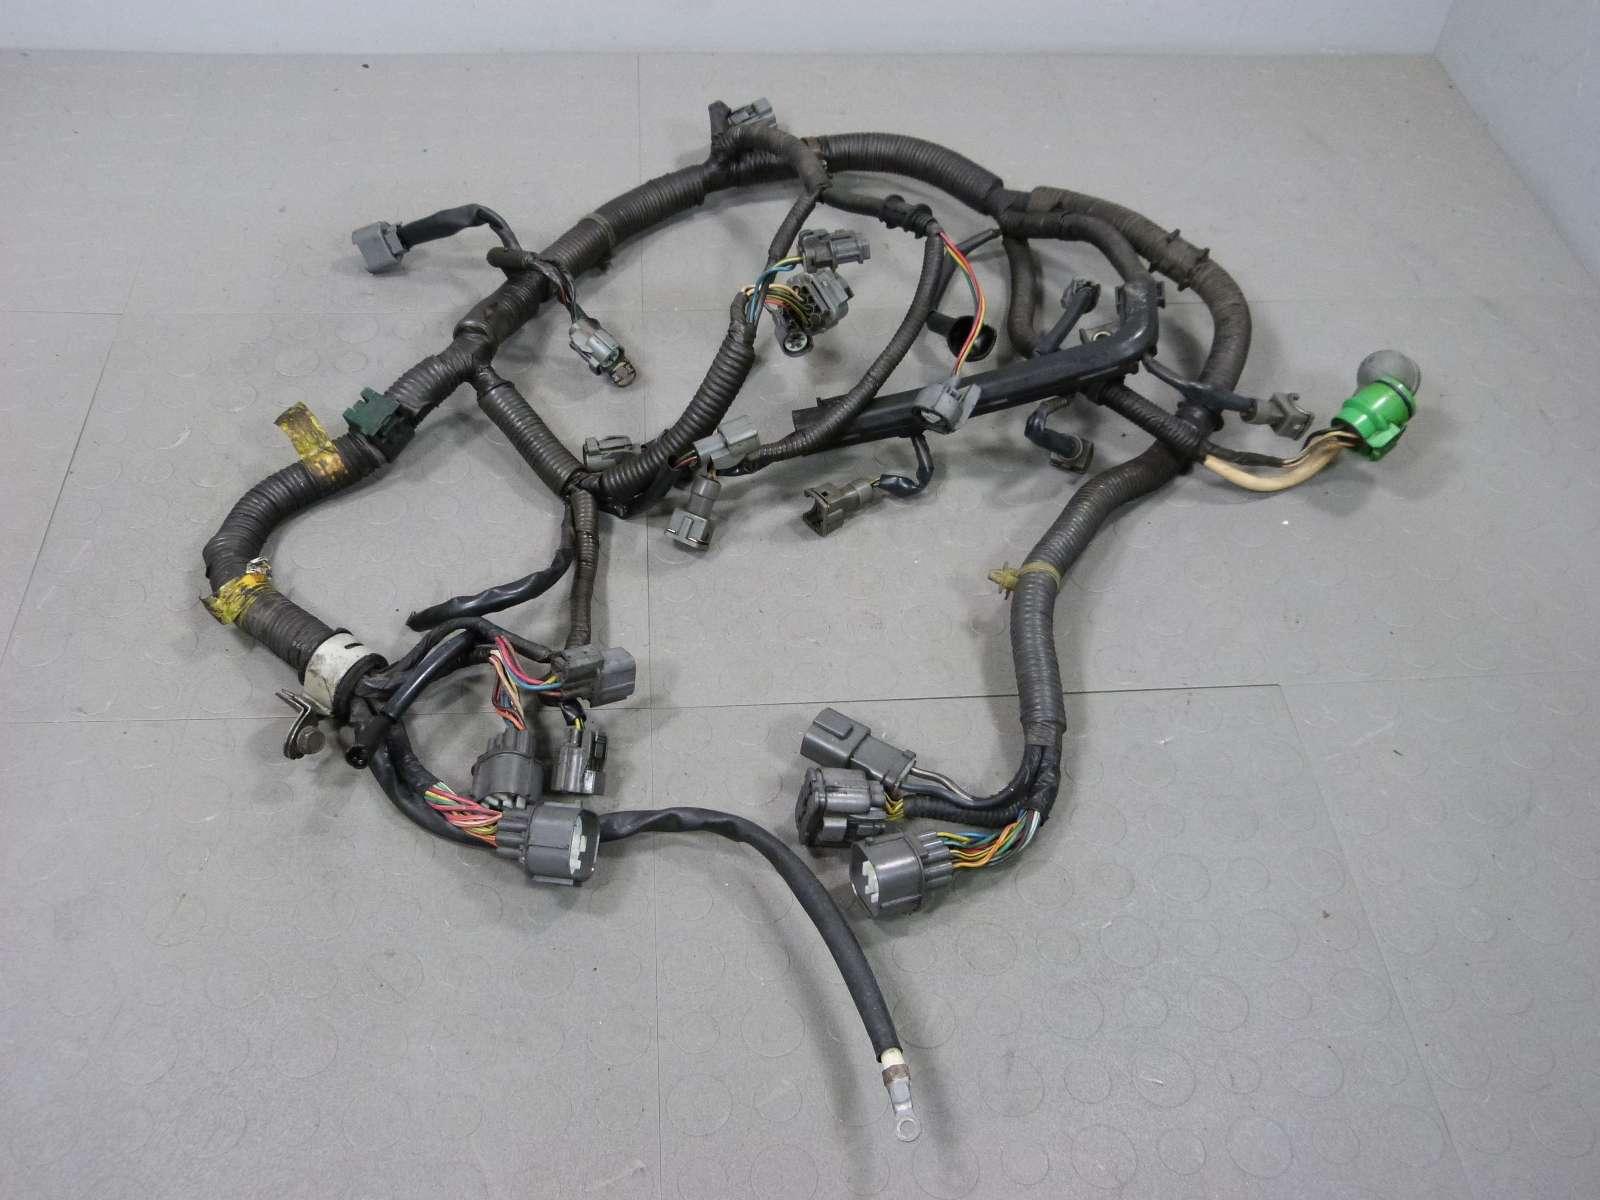 acura integra ls obd1 1 8l dohc manual mt b18b1 engine wire wiring harness ebay